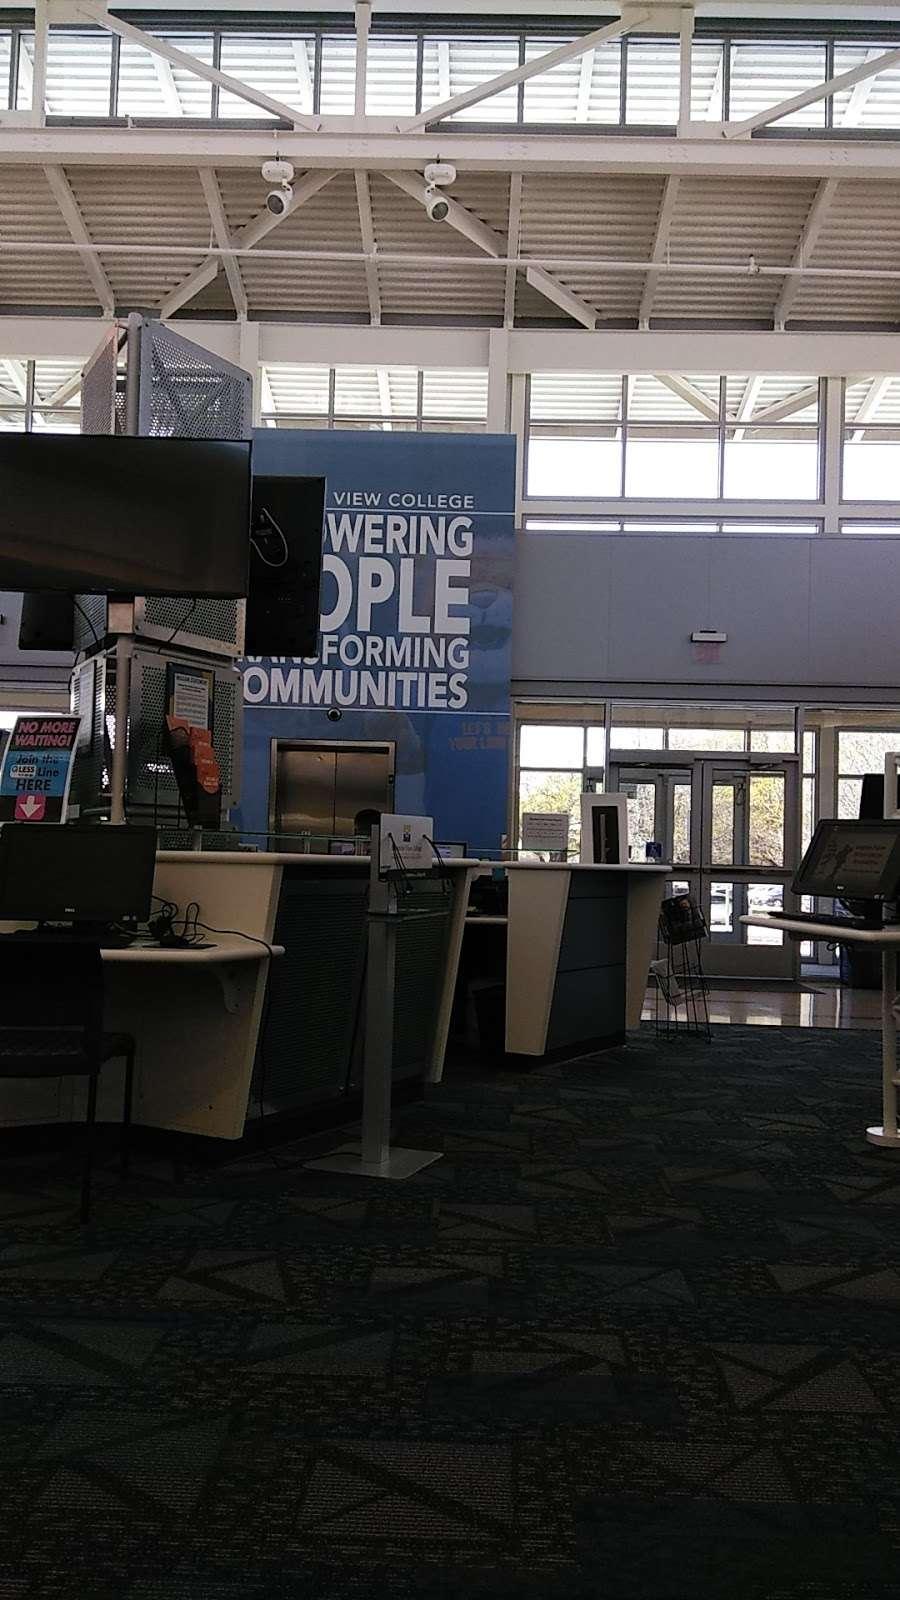 Mountain View College Bookstore - book store  | Photo 3 of 5 | Address: Mountain View College W Building, 4849 W Illinois Ave, Dallas, TX 75211, USA | Phone: (214) 331-5474